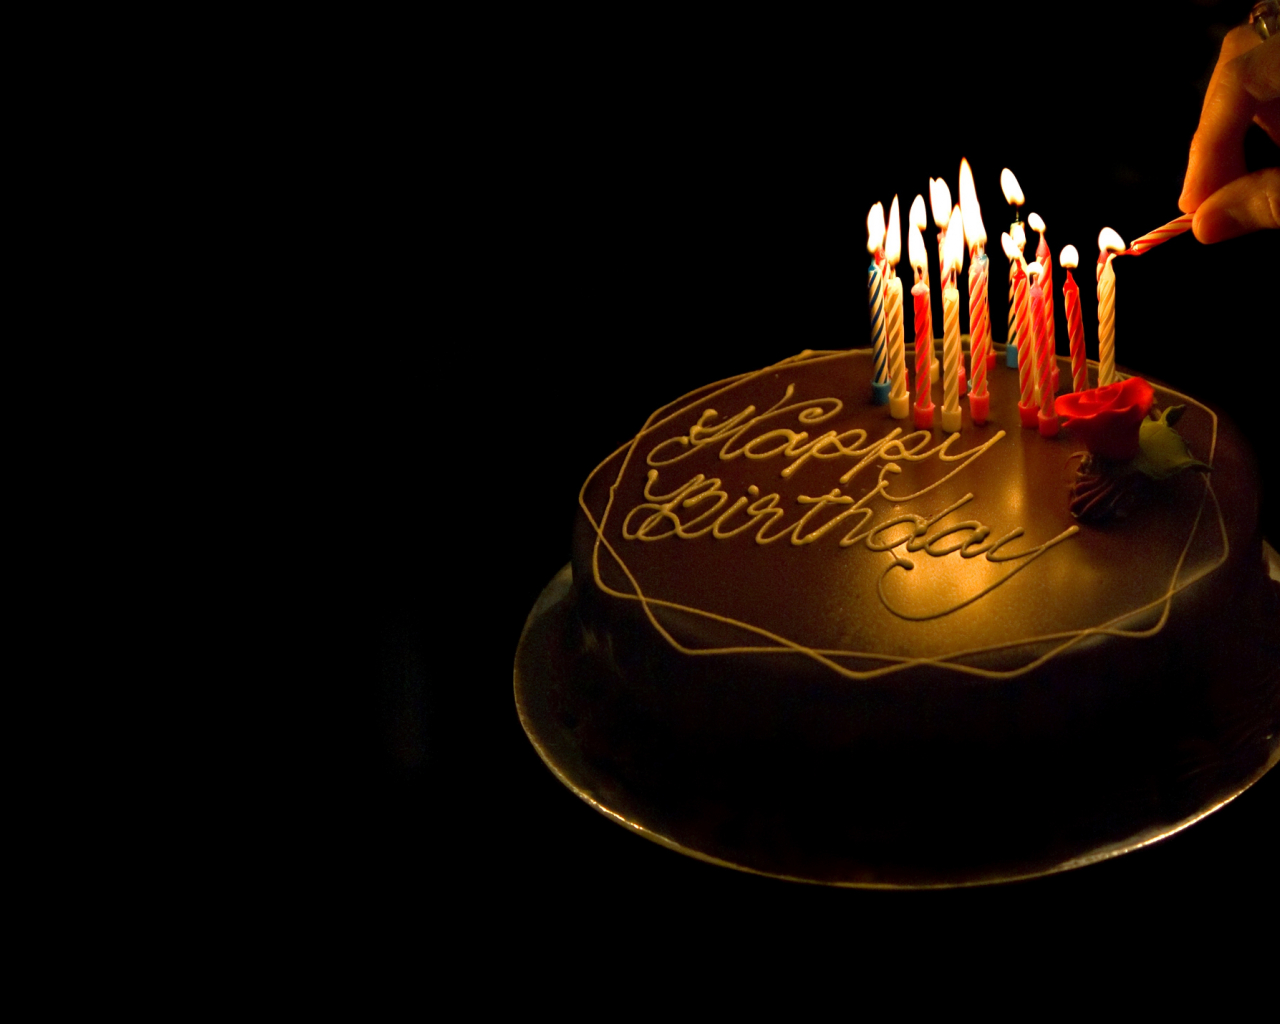 Тортики со свечами картинки прикольные, чтобы помириться